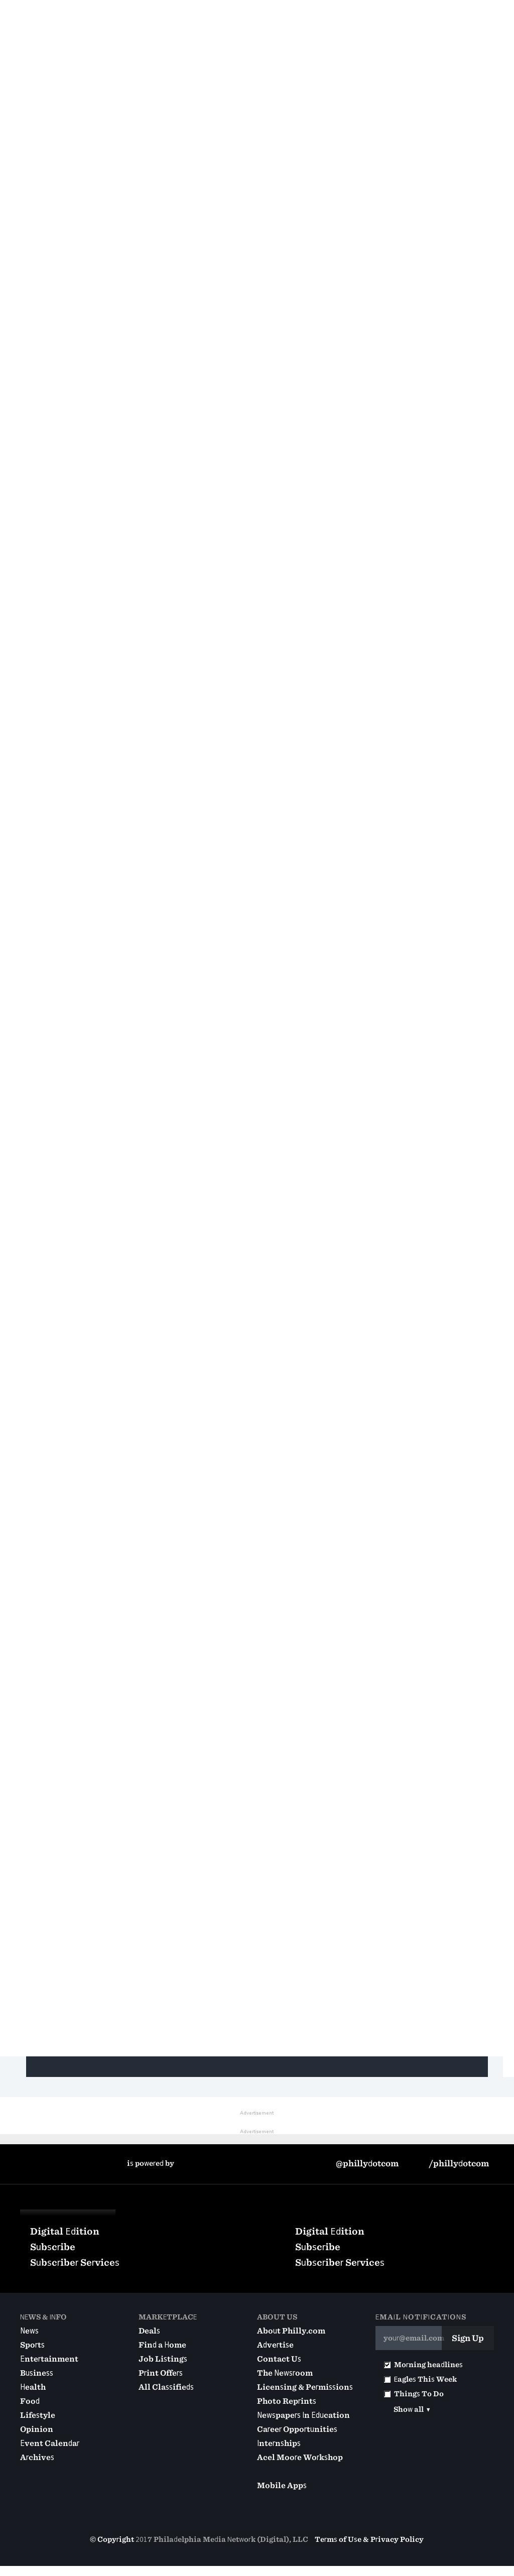 philly.com at Wednesday Oct. 11, 2017, 5:11 a.m. UTC